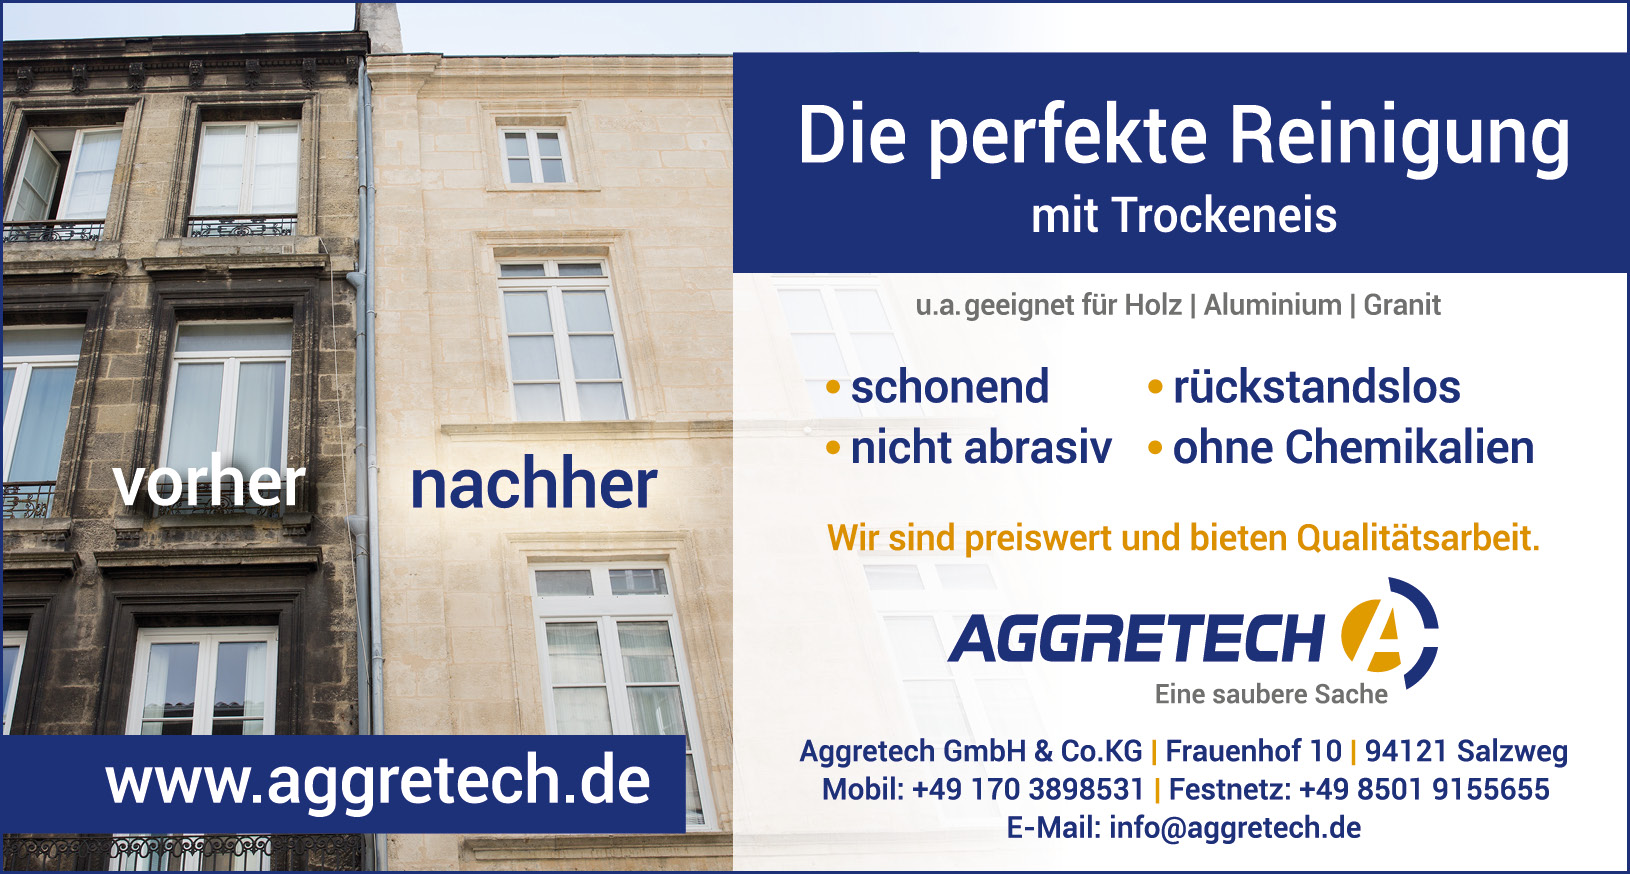 Anzeige Trockeneisstrahlen Aggretech Pnp Final 2